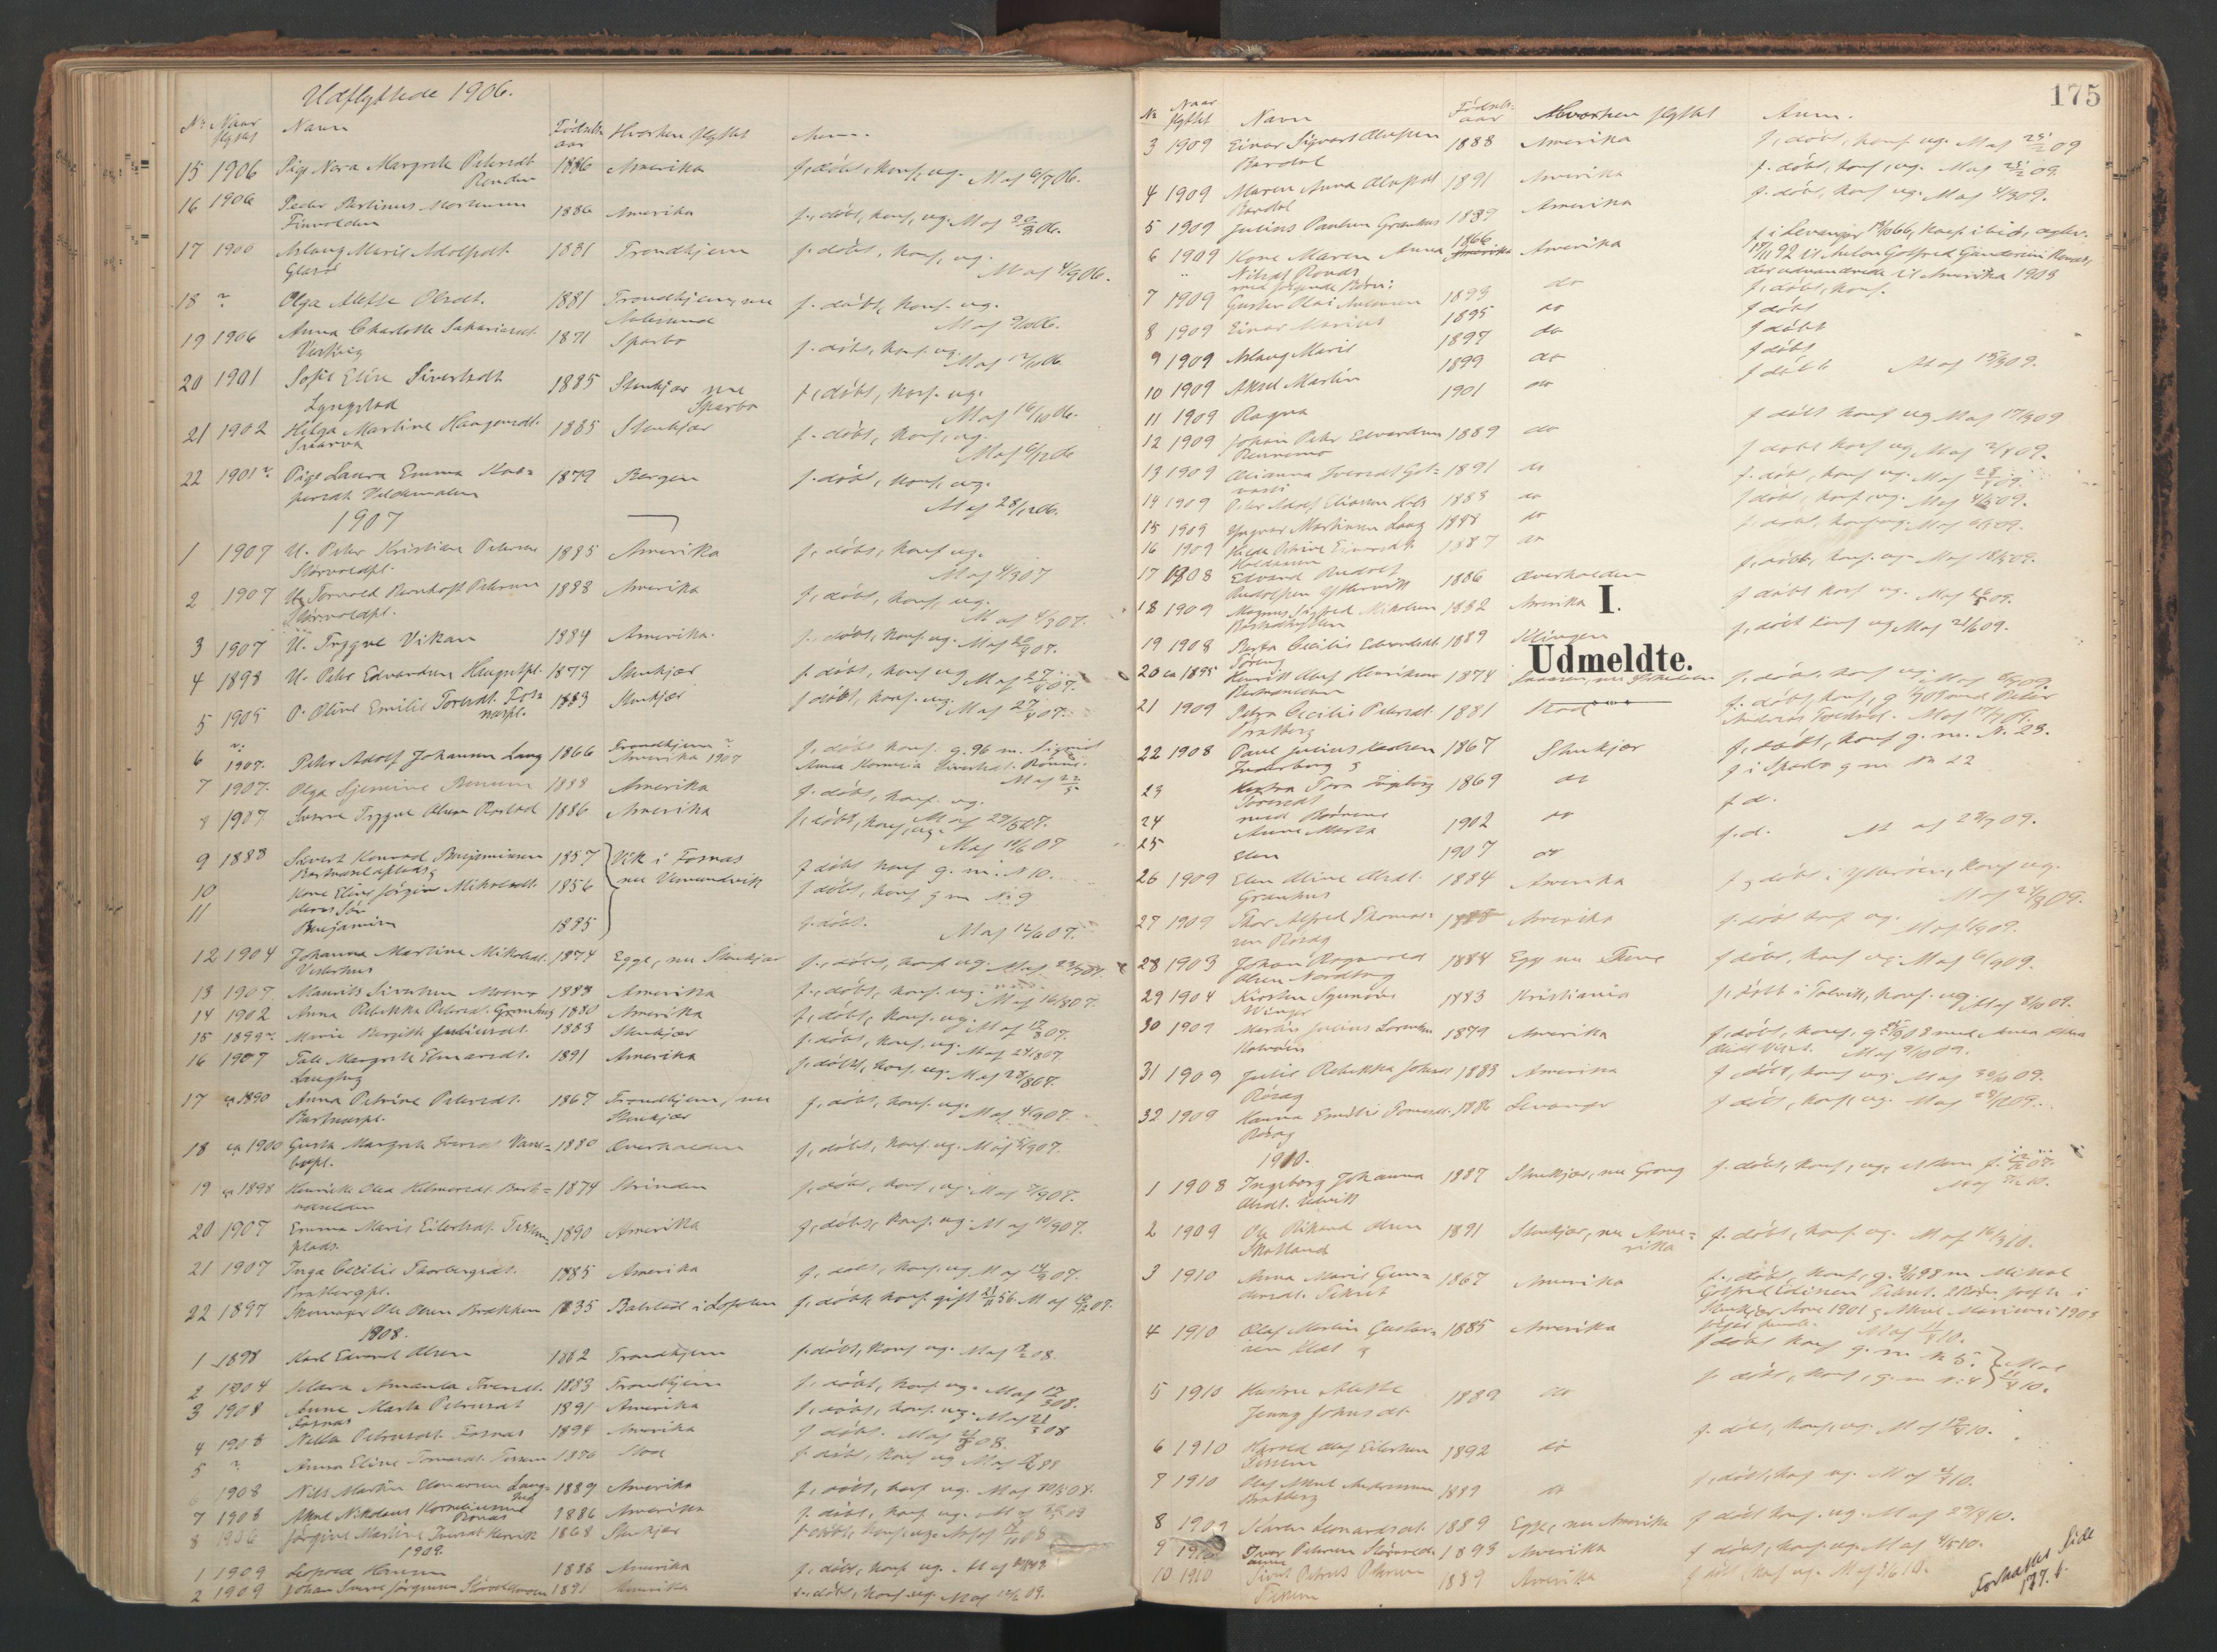 SAT, Ministerialprotokoller, klokkerbøker og fødselsregistre - Nord-Trøndelag, 741/L0397: Ministerialbok nr. 741A11, 1901-1911, s. 175